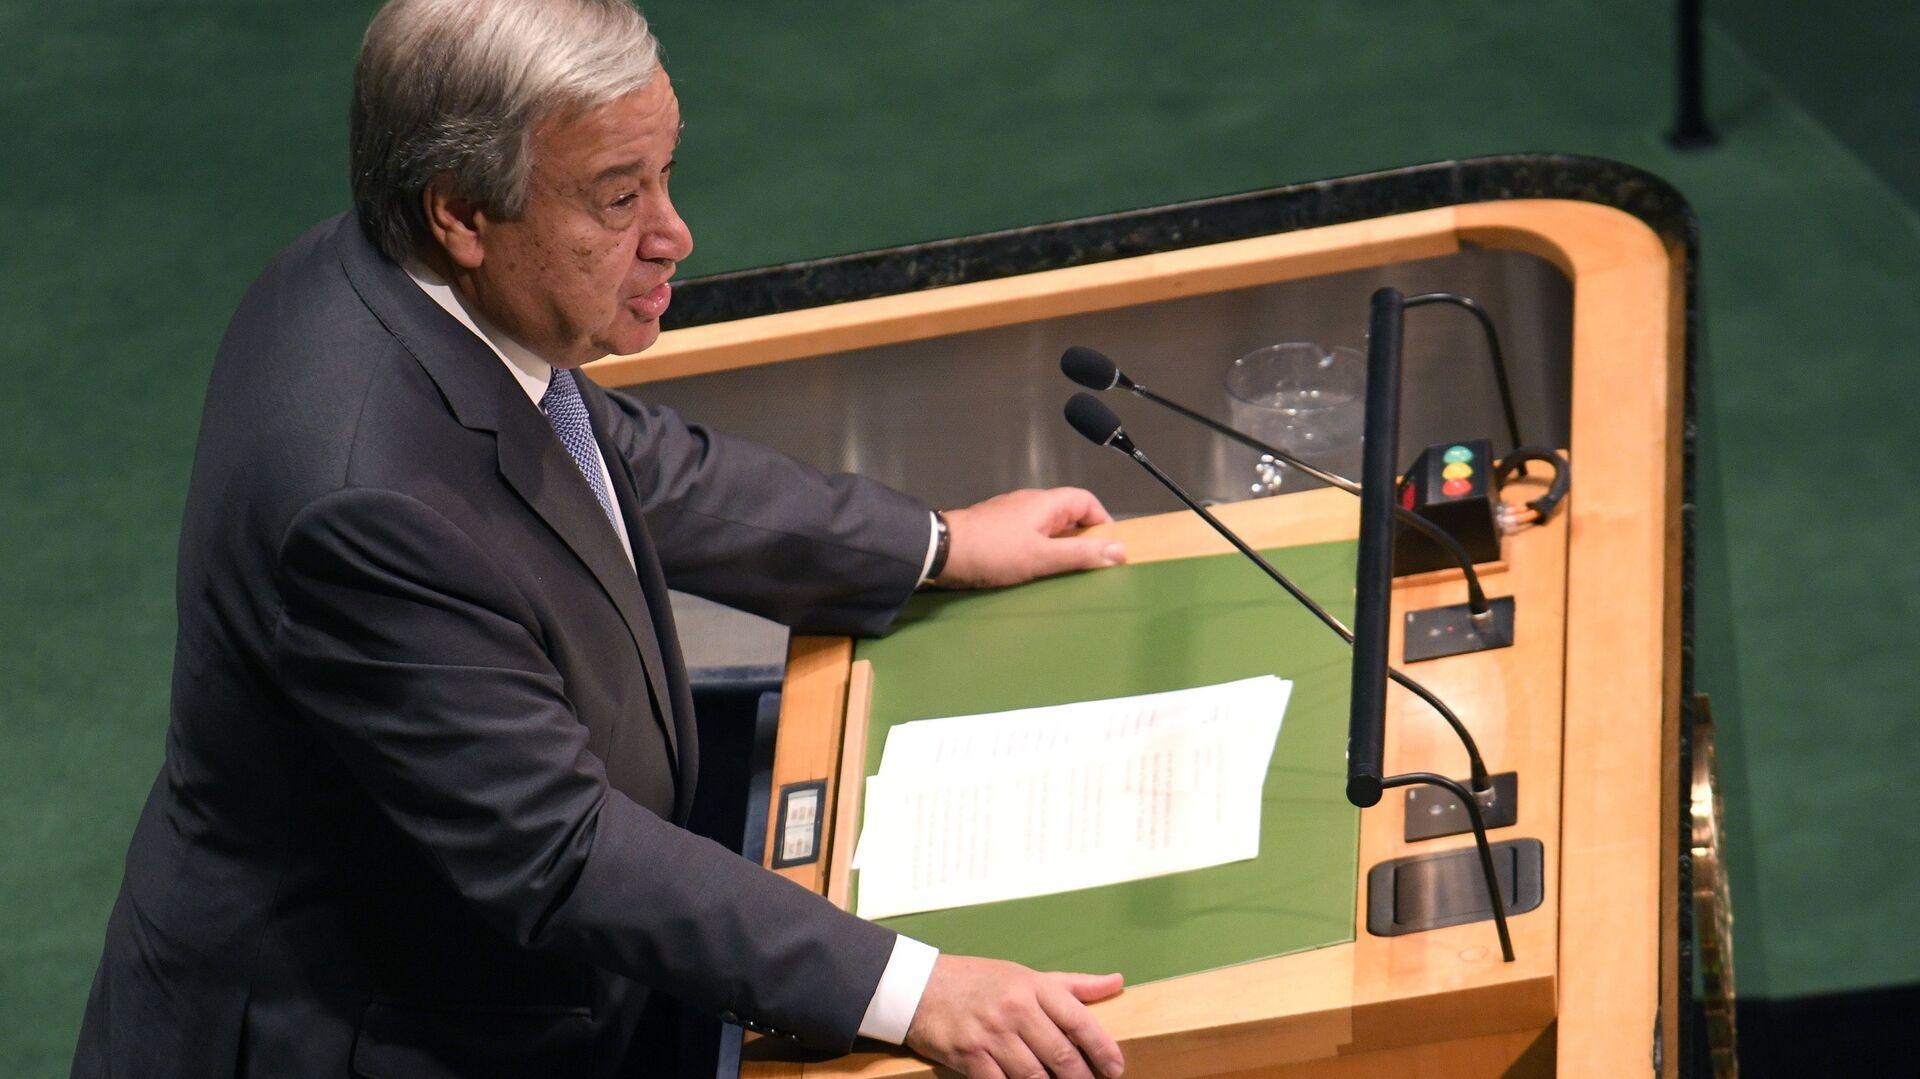 Генеральный секретарь ООН Антониу Гутерреш выступает на открытии Генеральной Ассамблеи Организации Объединенных Наций в Нью-Йорке. 18 сентября 2018 - РИА Новости, 1920, 12.12.2020